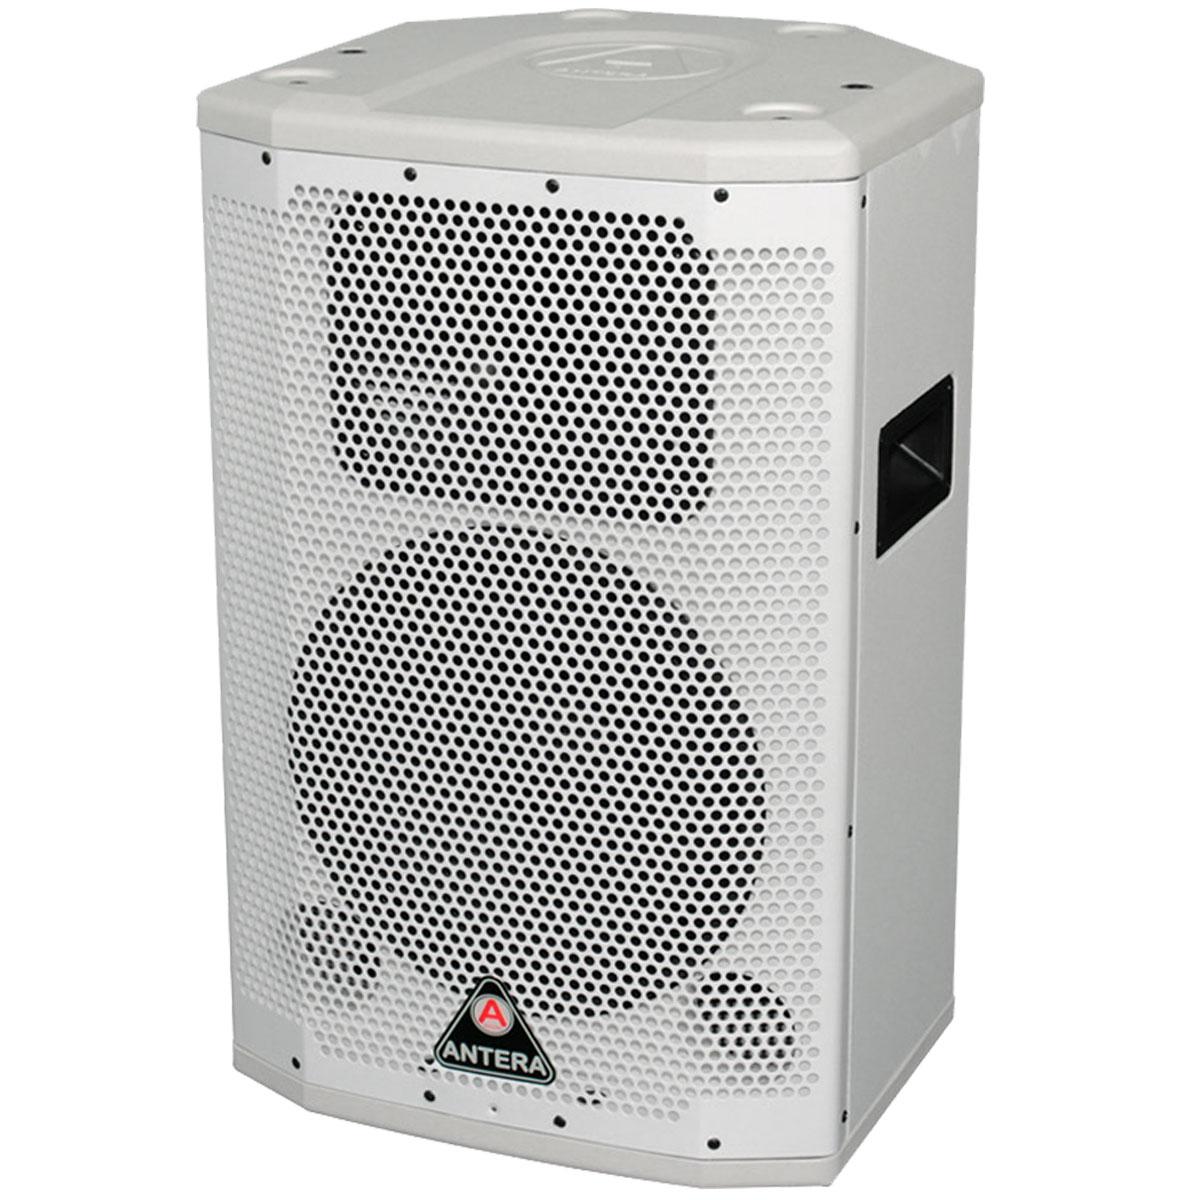 Caixa Ativa 150W SC 10 AP Plus Branca - Antera